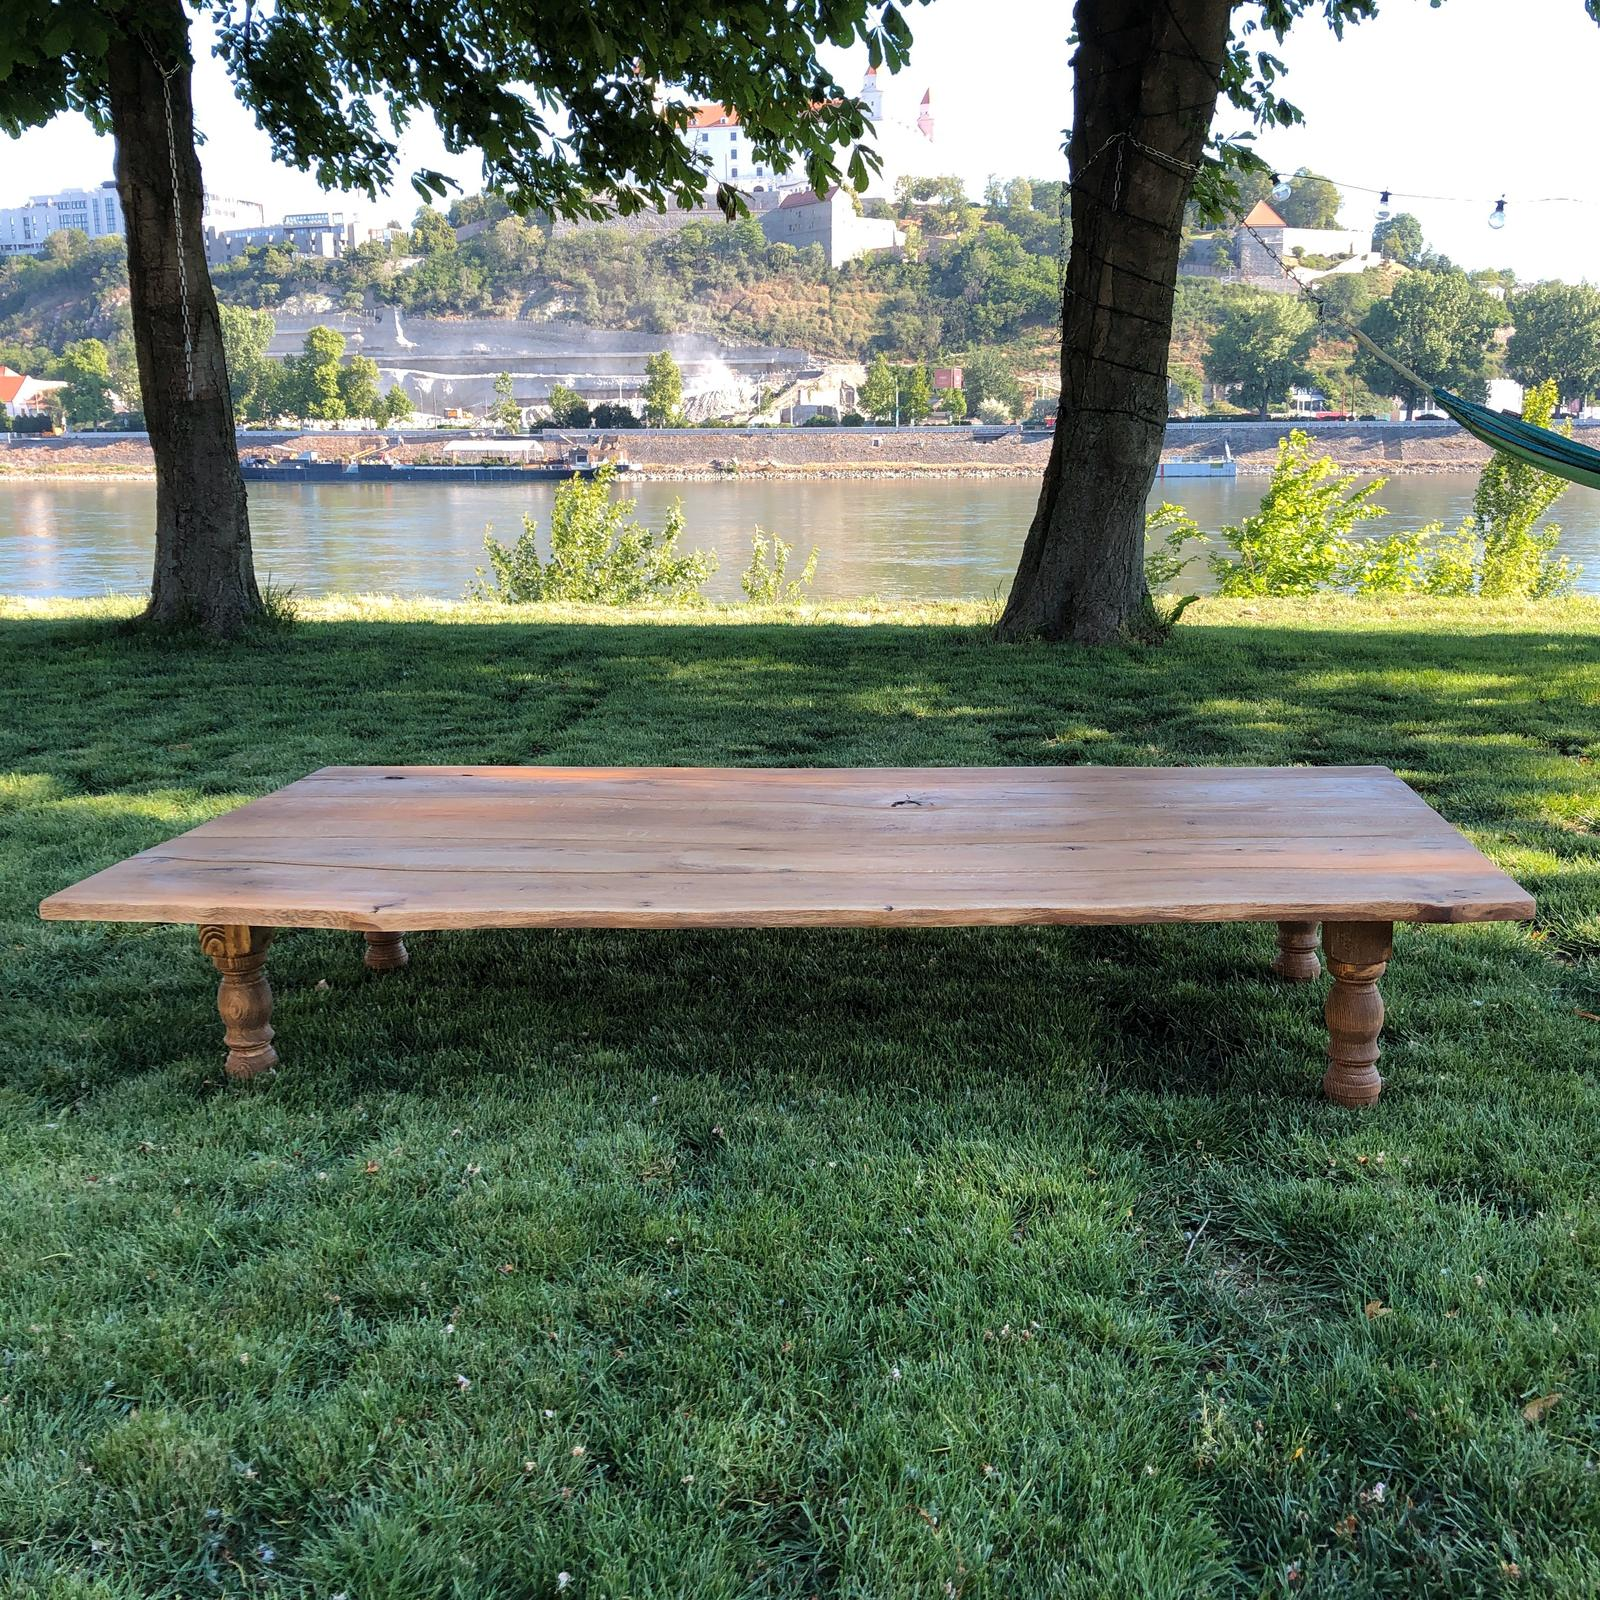 Novinka v našej ponuke - boho stoly na prenájom :-) - Obrázok č. 2